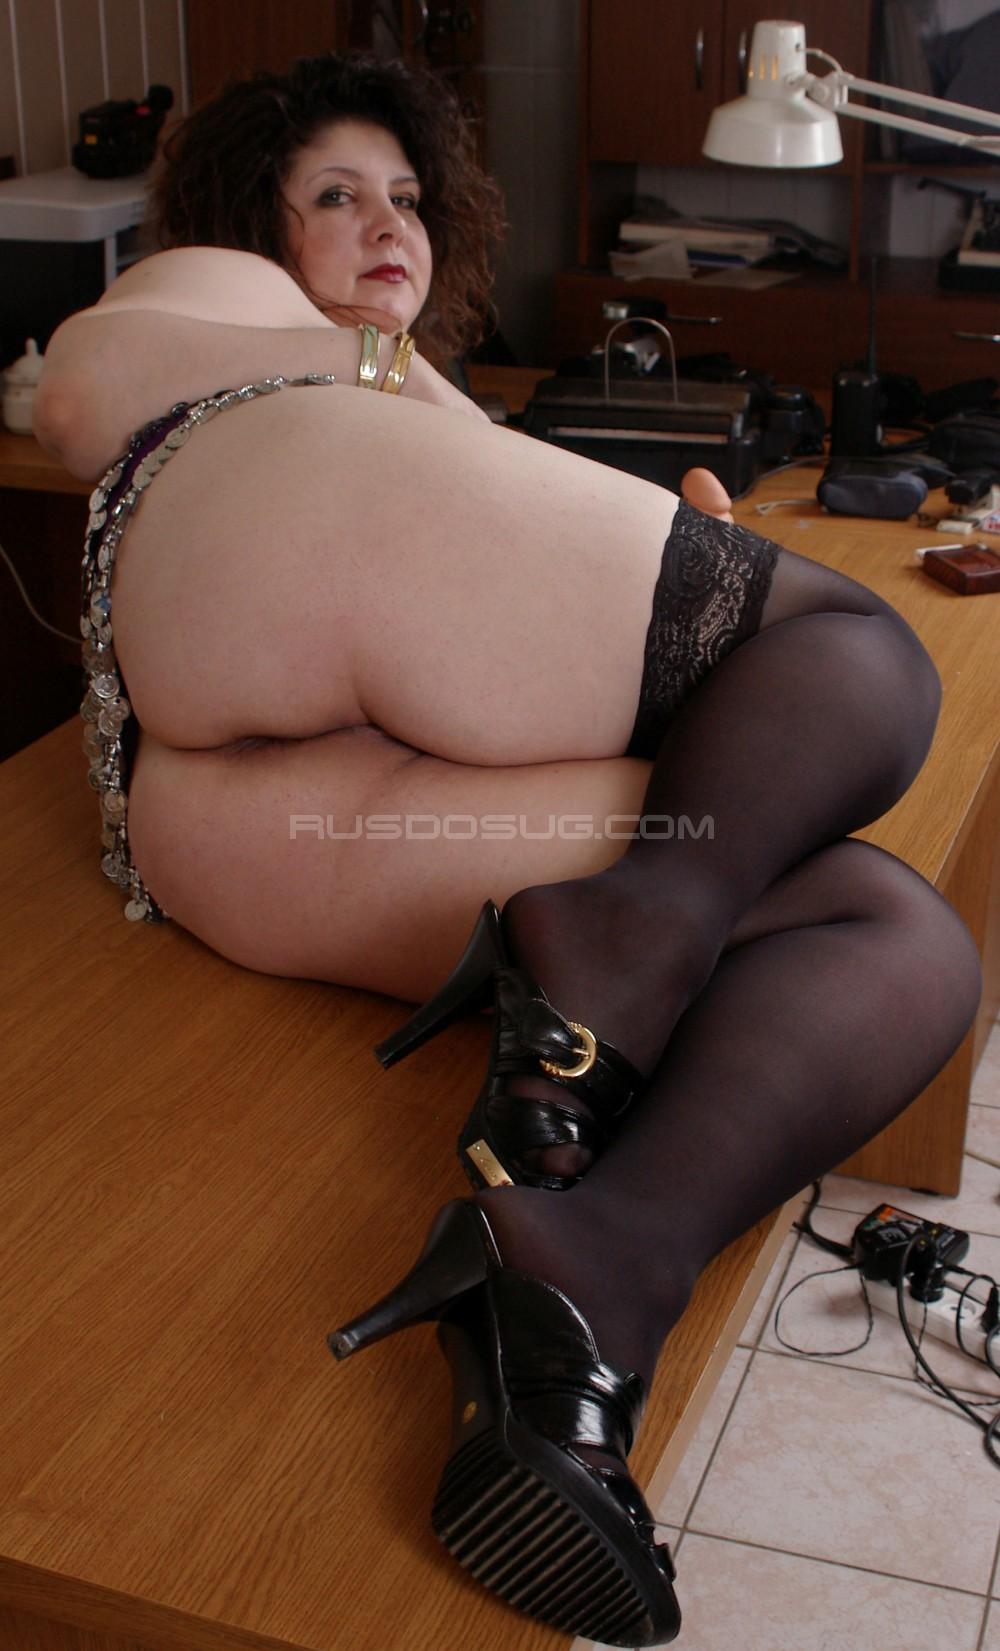 Путаны проститутки в москве 12 фотография